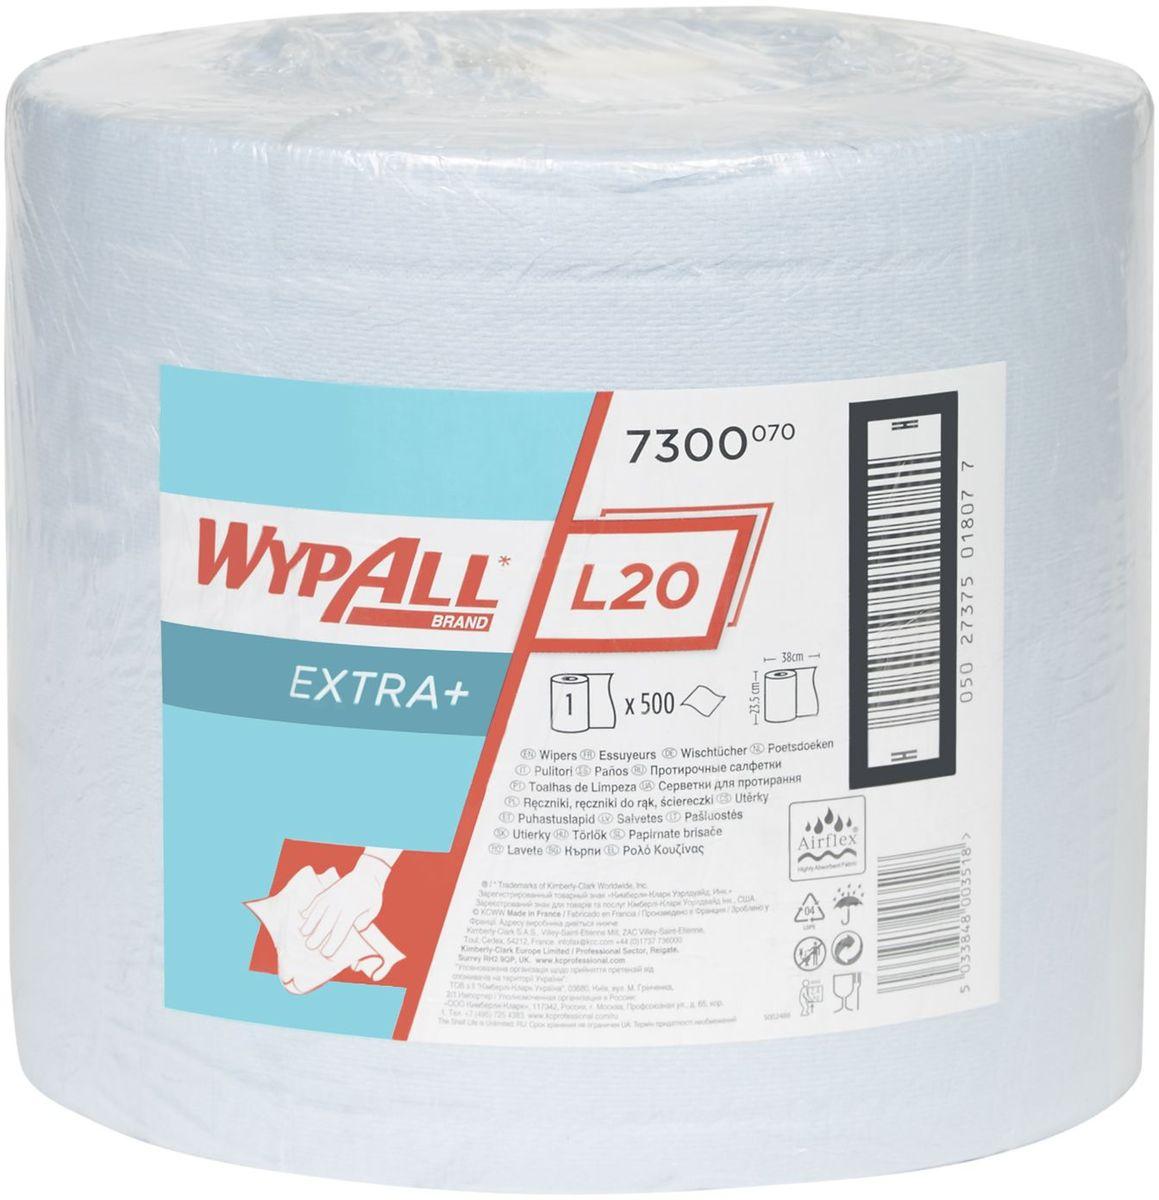 Салфетка бумажная Wypall L30, двухслойные, 500 листов. 73007300Протирочные салфетки с ограниченным сроком службы, произведенные при помощи технологии AIRFLEX®. Благодаря данной технологии изготовления салфетки WYPALL серии L30 отличаются особенной прочностью и быстротой впитывания жидкостей. Идеальные салфетки для универсальных задач, сбора грязи, работы с маслом, протирки и впитывания жидкостей в пищевой промышленности, автомобильной индустрии и многих других областей. Формат поставки: большой рулон с перфорацией на 500 отрывов. Может использоваться с переносными или стационарными диспенсерами для контроля расхода продукта и уменьшения объема отходов.